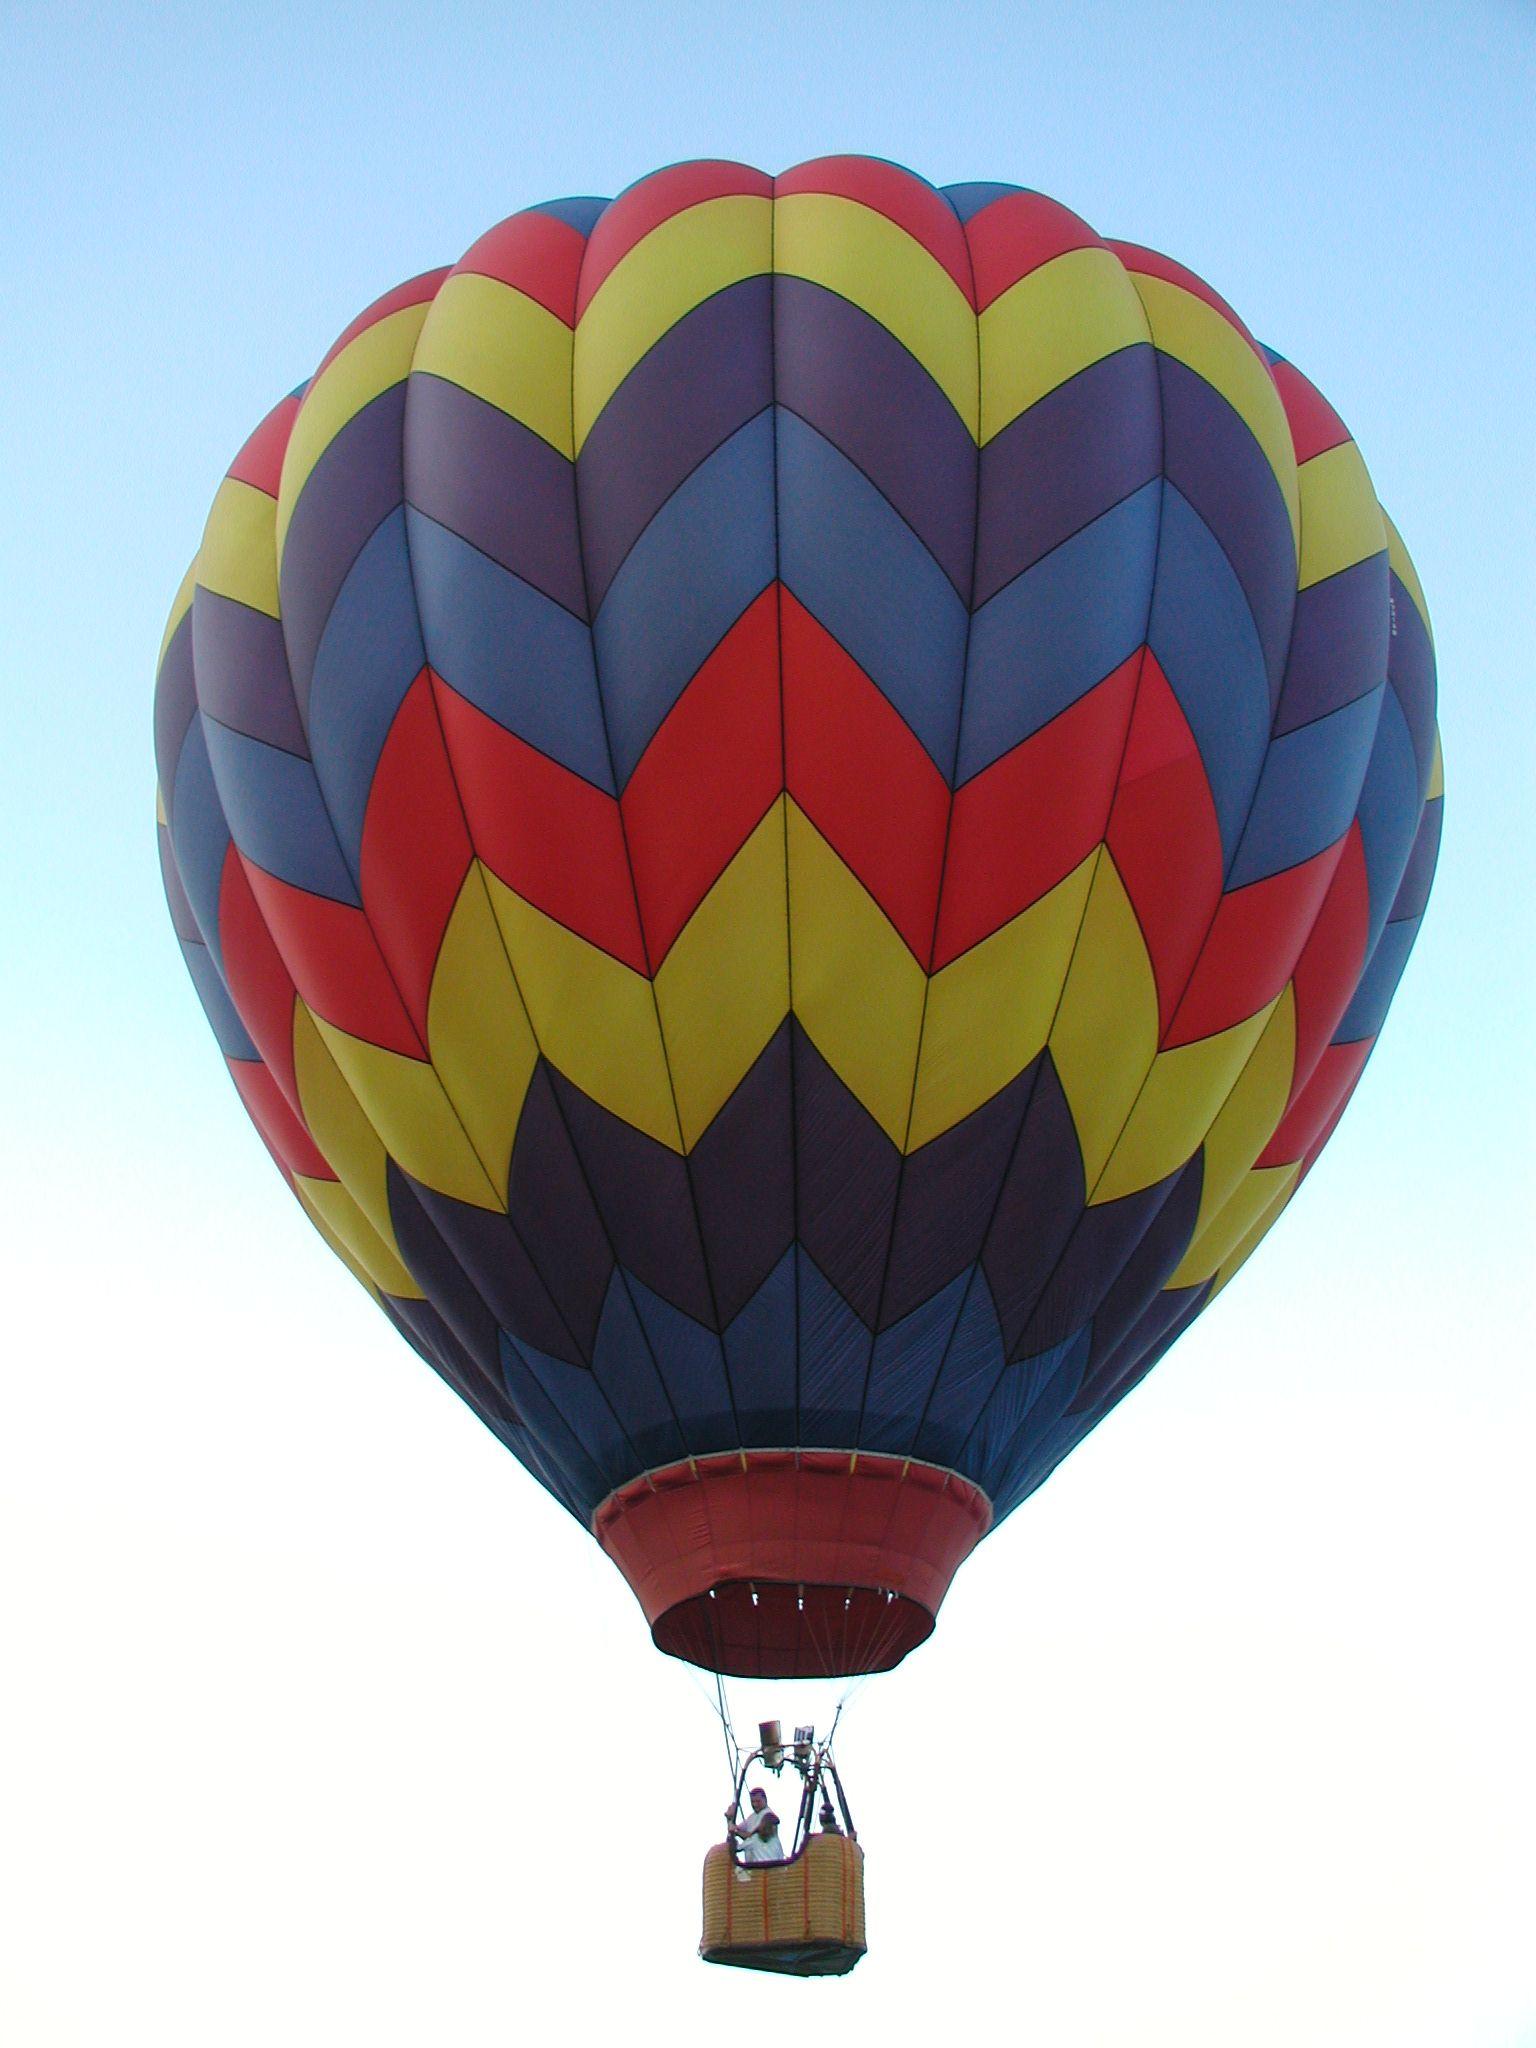 Hot Air Balloons of Napa Valley Air balloon, Napa valley